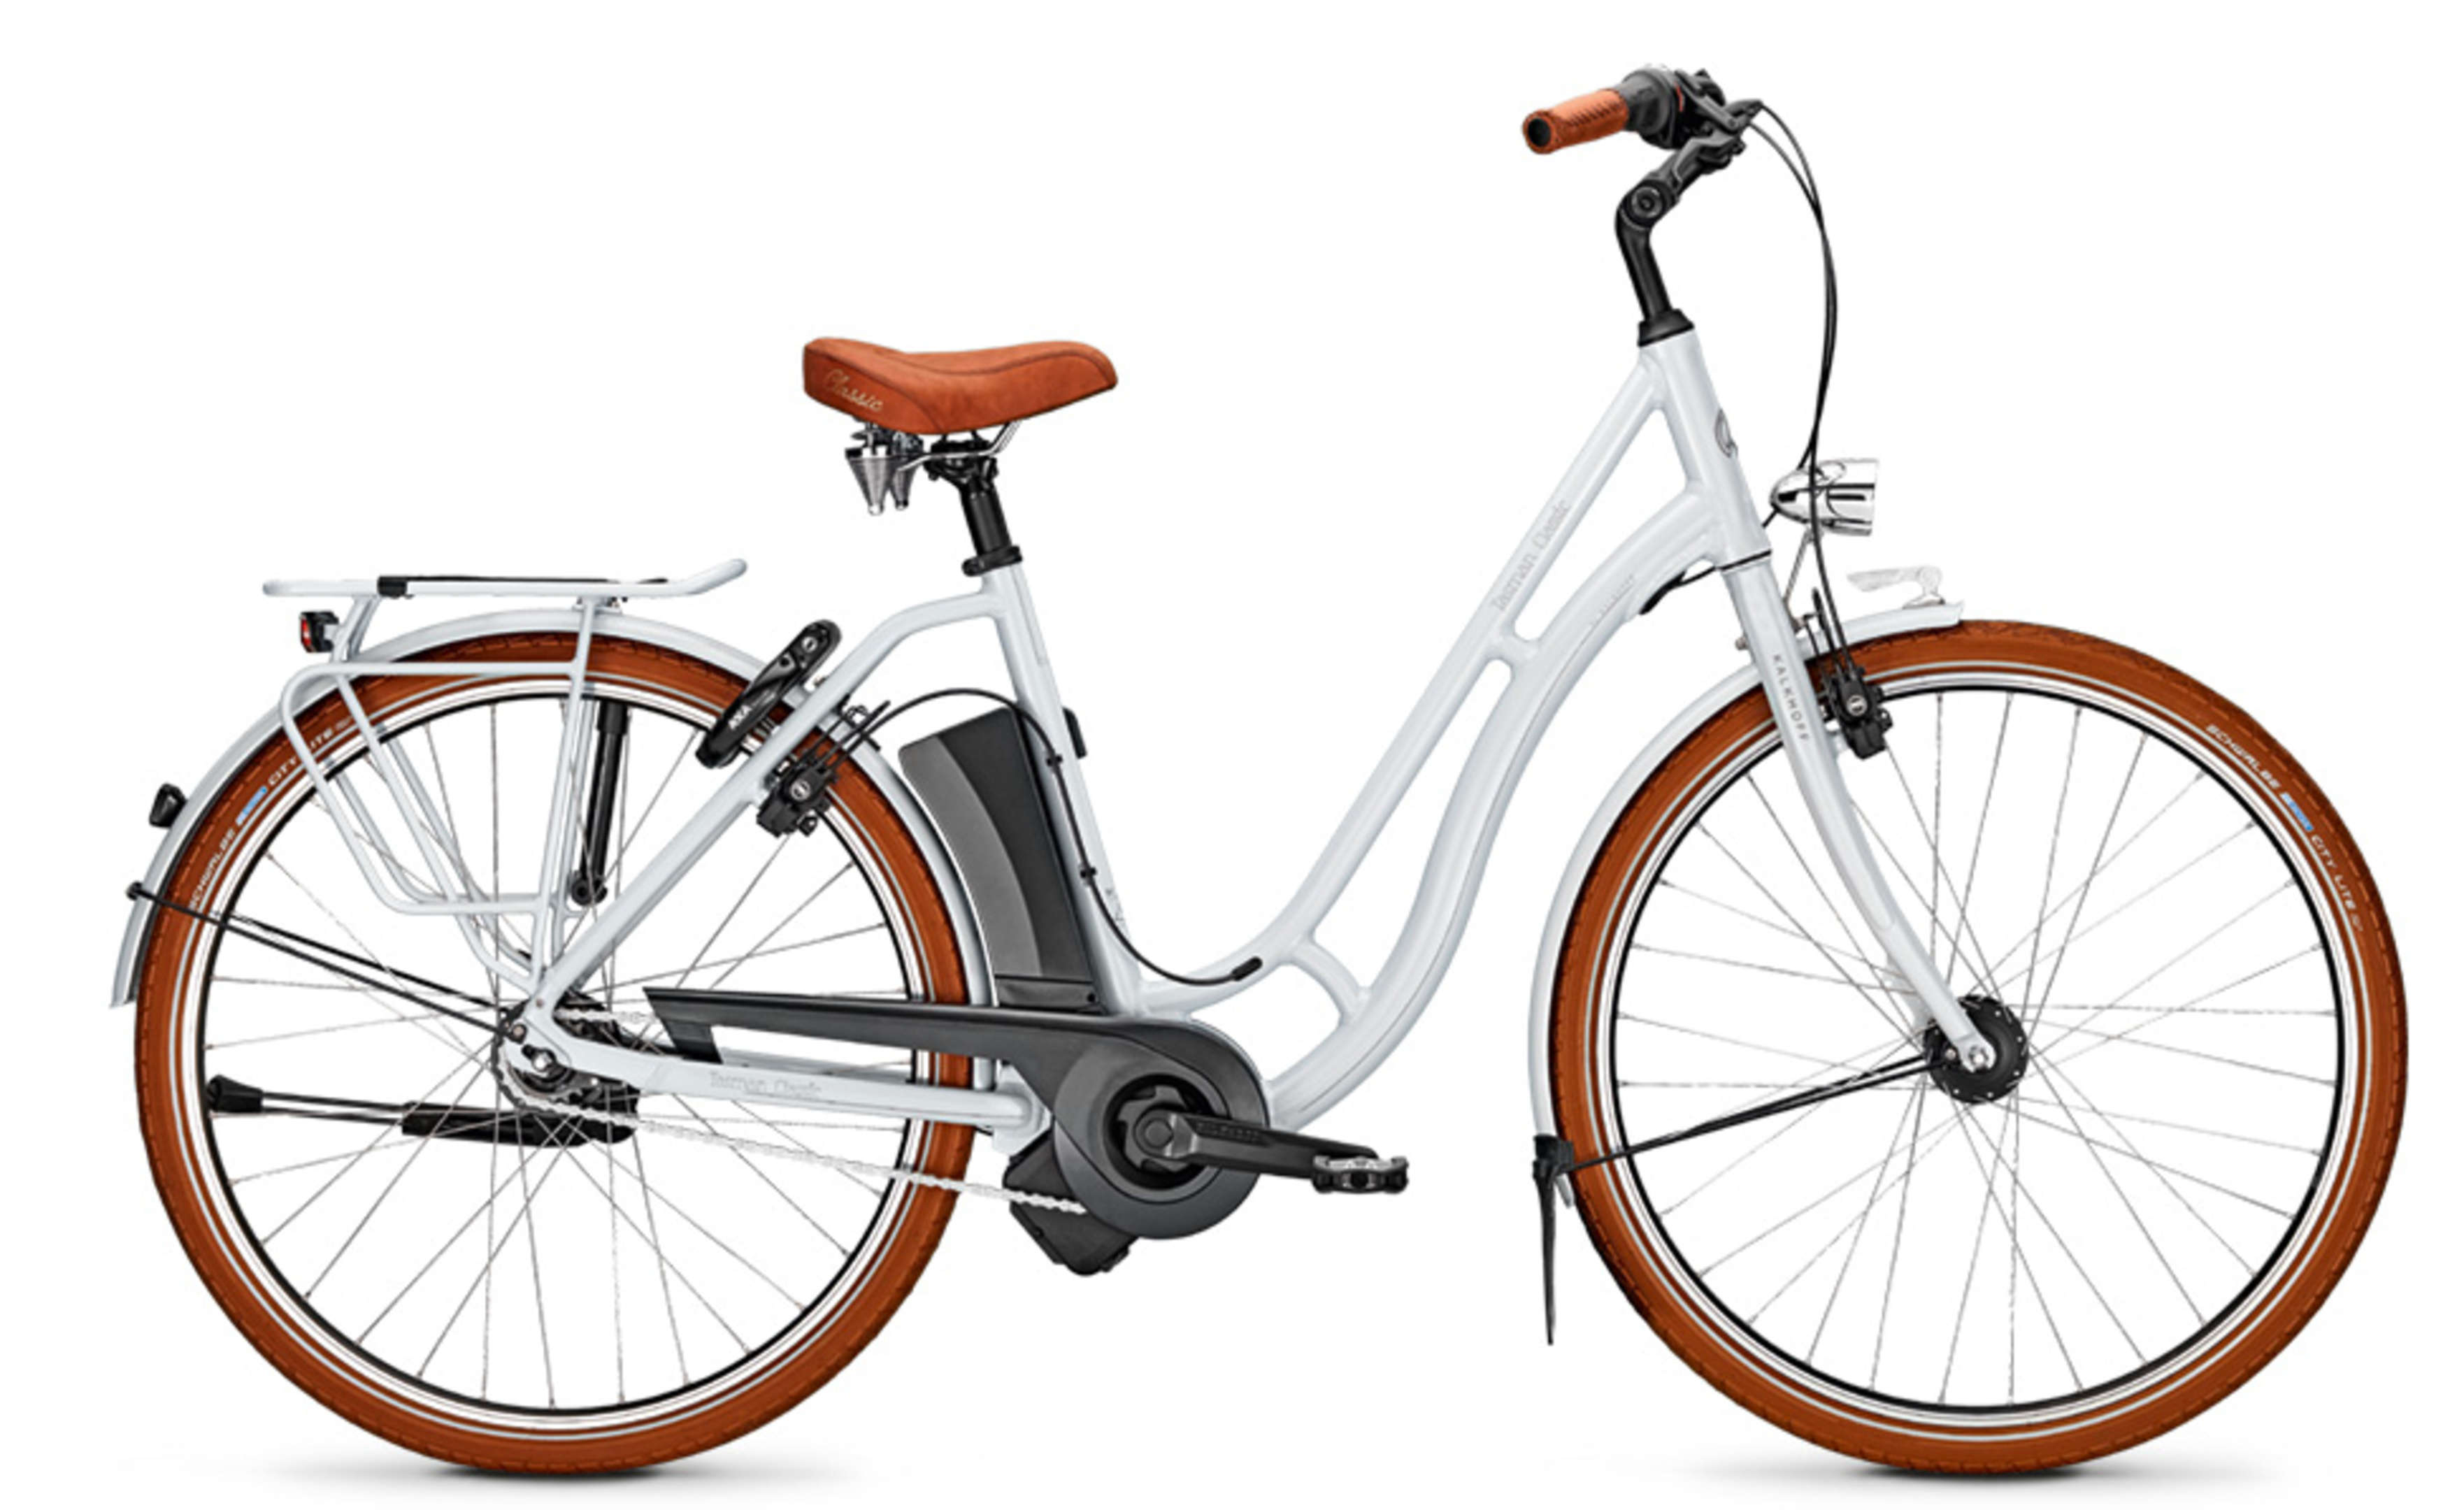 kalkhoff e bike tasman classic i8 8g 17ah 36v eurorad. Black Bedroom Furniture Sets. Home Design Ideas